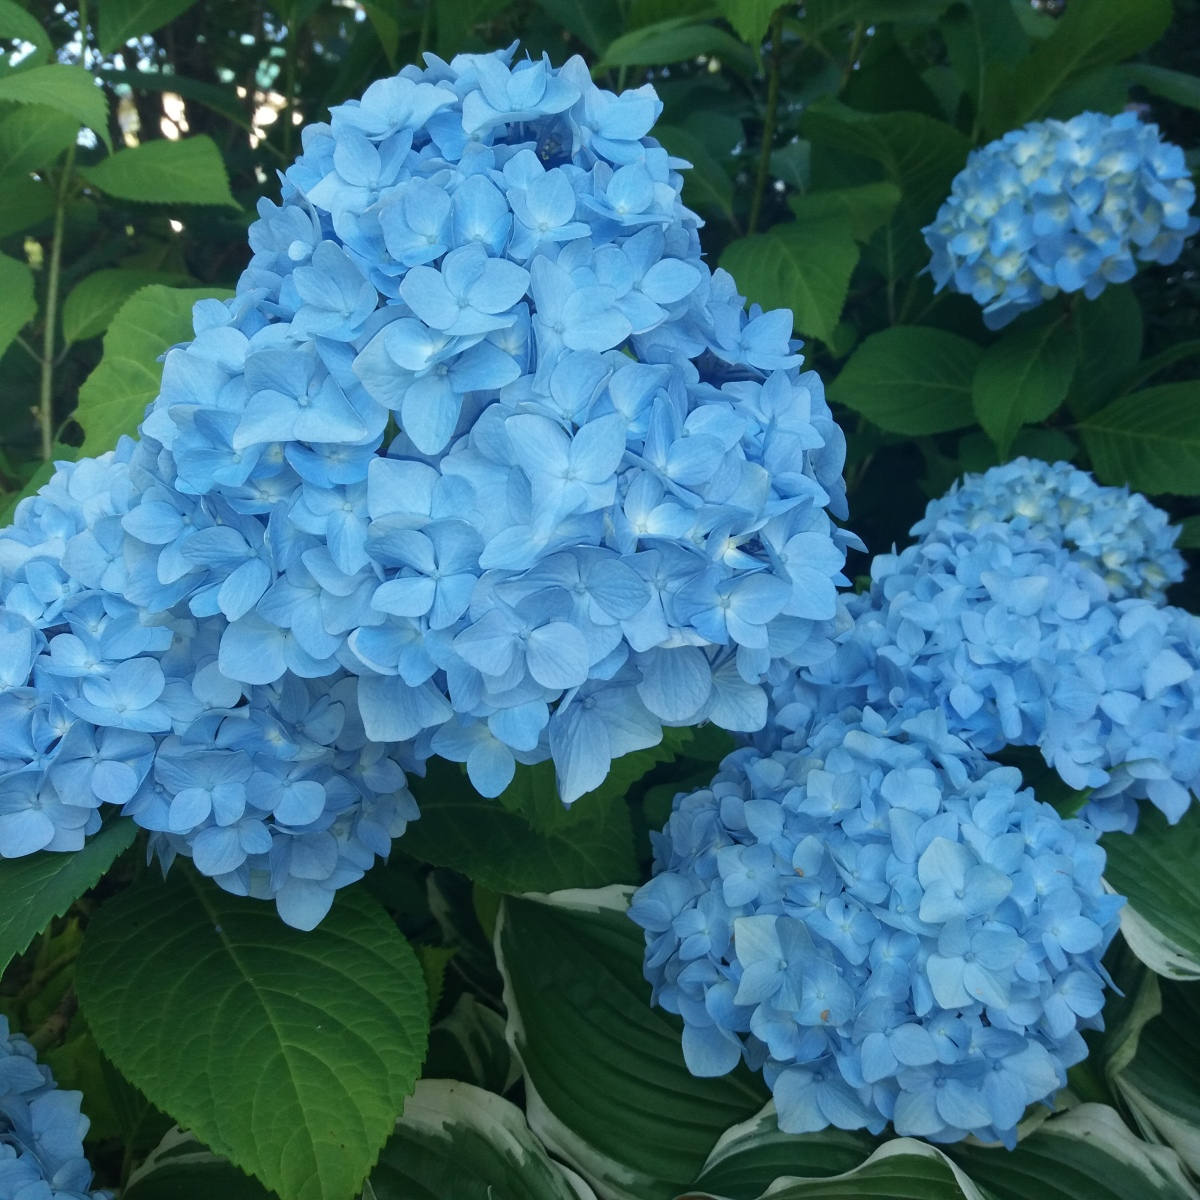 заварного гортензия метельчатая синяя фото анохин попросил